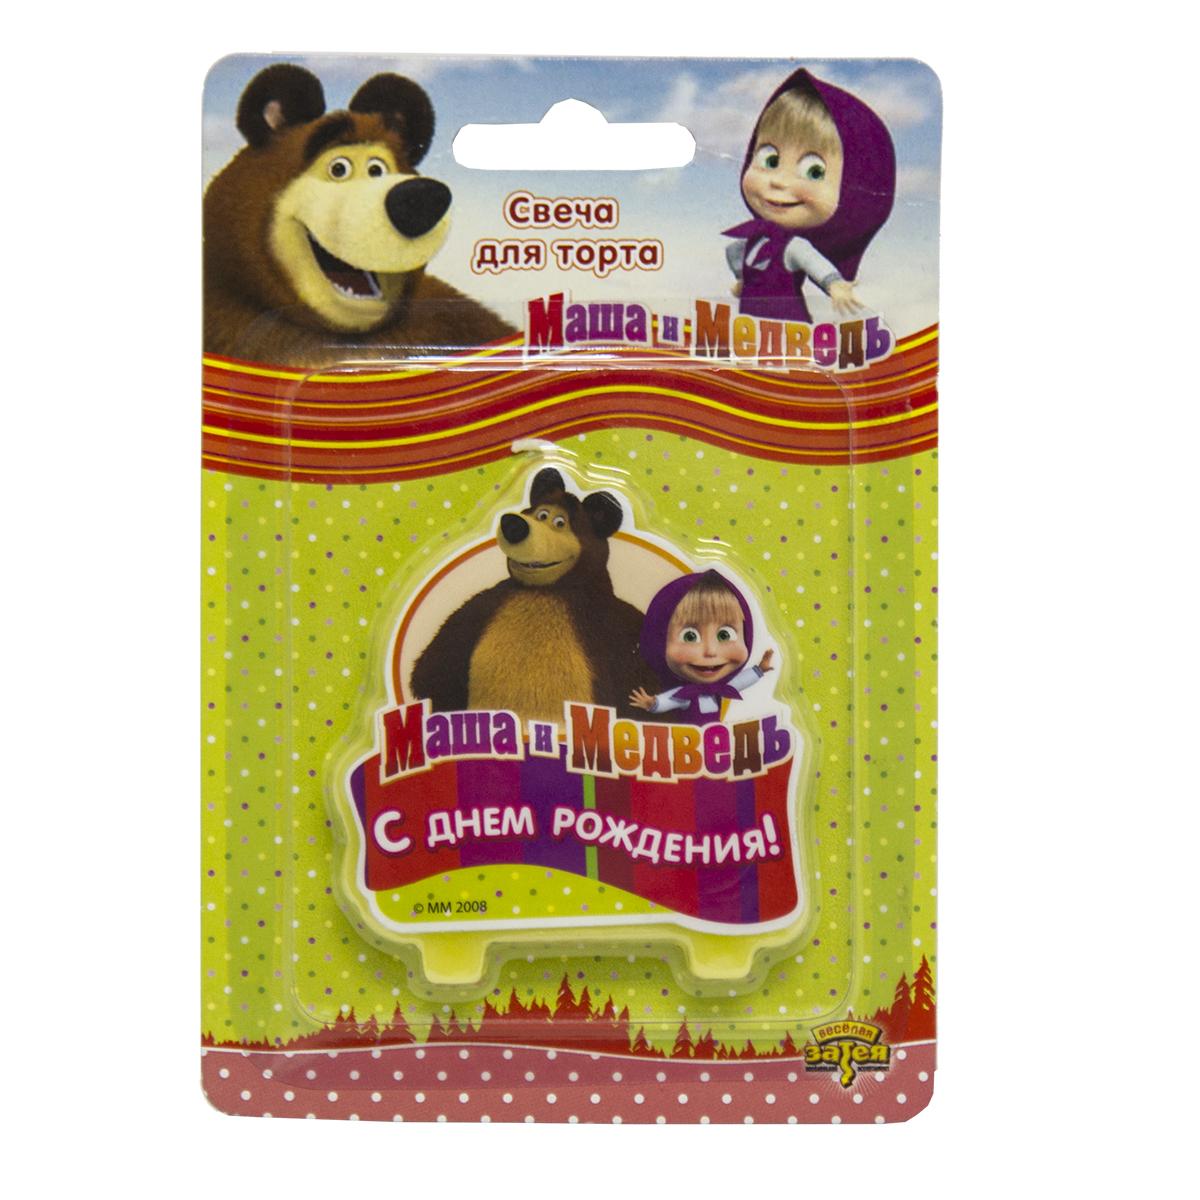 Маша и Медведь Свеча для торта С днем рождения книги эгмонт маша и медведь один дома праздник на льду снежные приключения